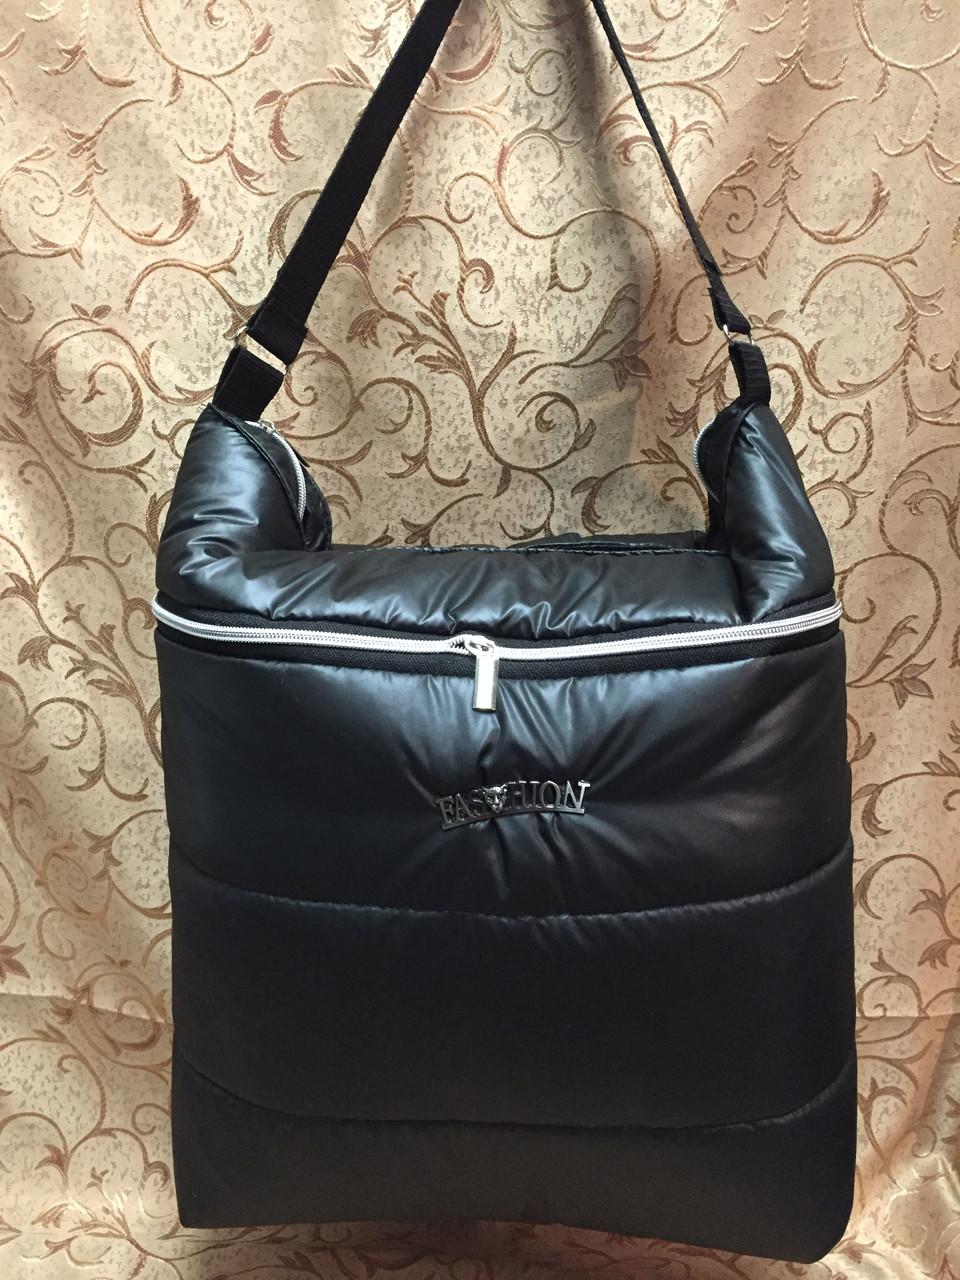 Женский Сумка FASHION(только оптом)Спортивная сумка Женские сумка дутики Сумка  стильный bd6bca93528